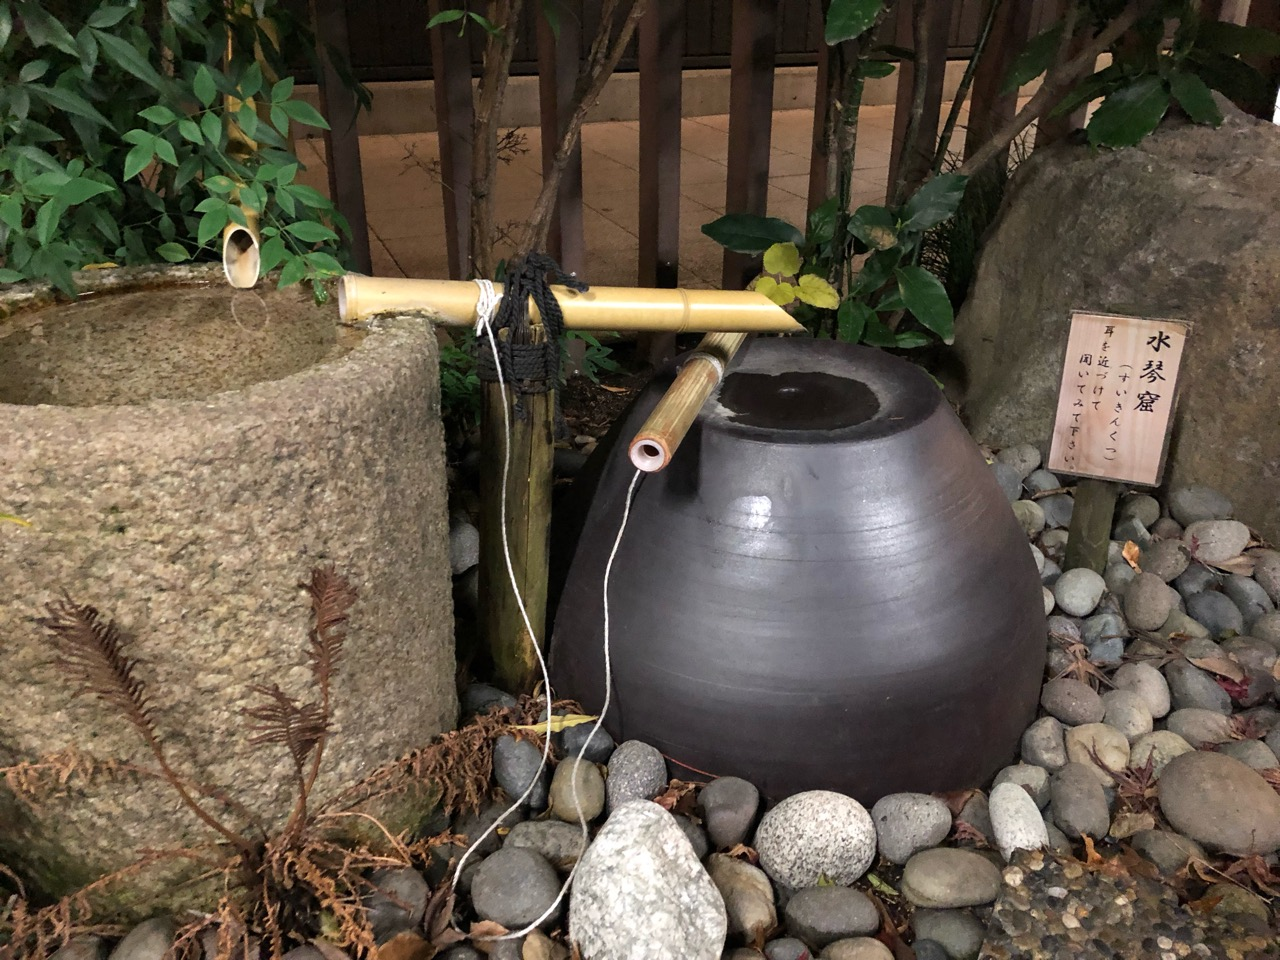 厚木パーキングエリア(外回り)で水琴窟を楽しむことができる(神奈川県厚木市)